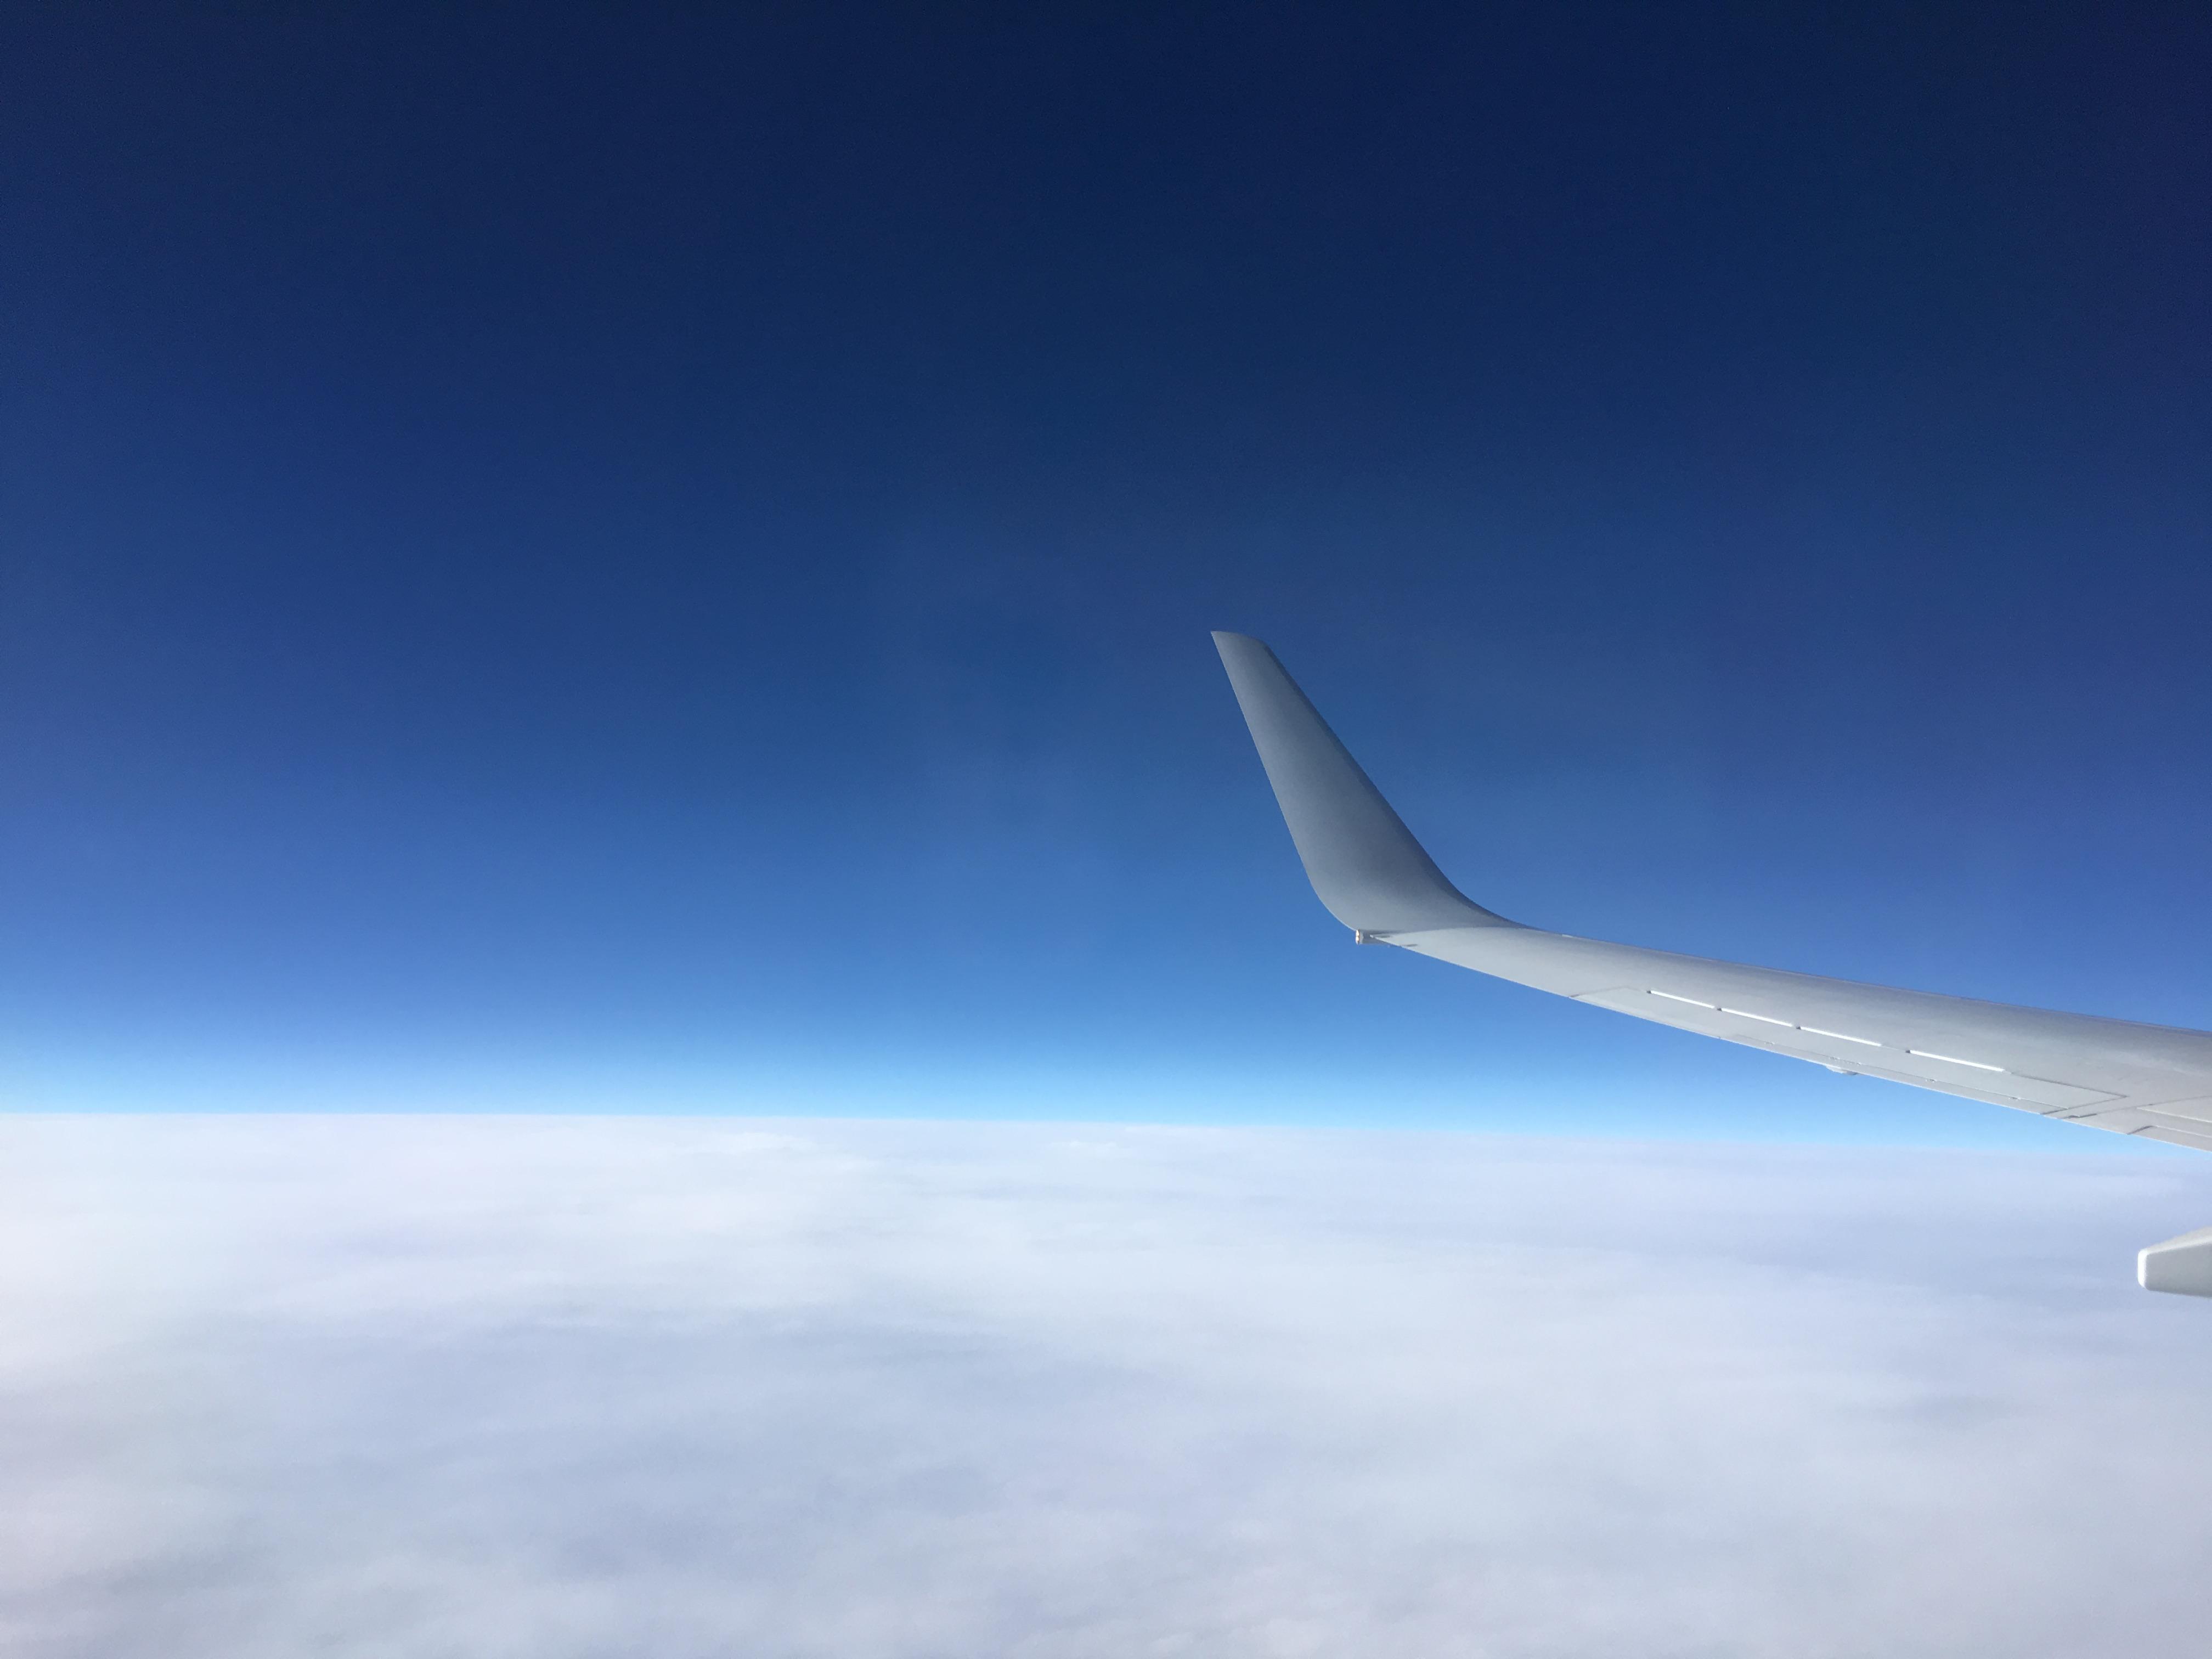 カンタン!skyscannerで格安航空券を探す方法